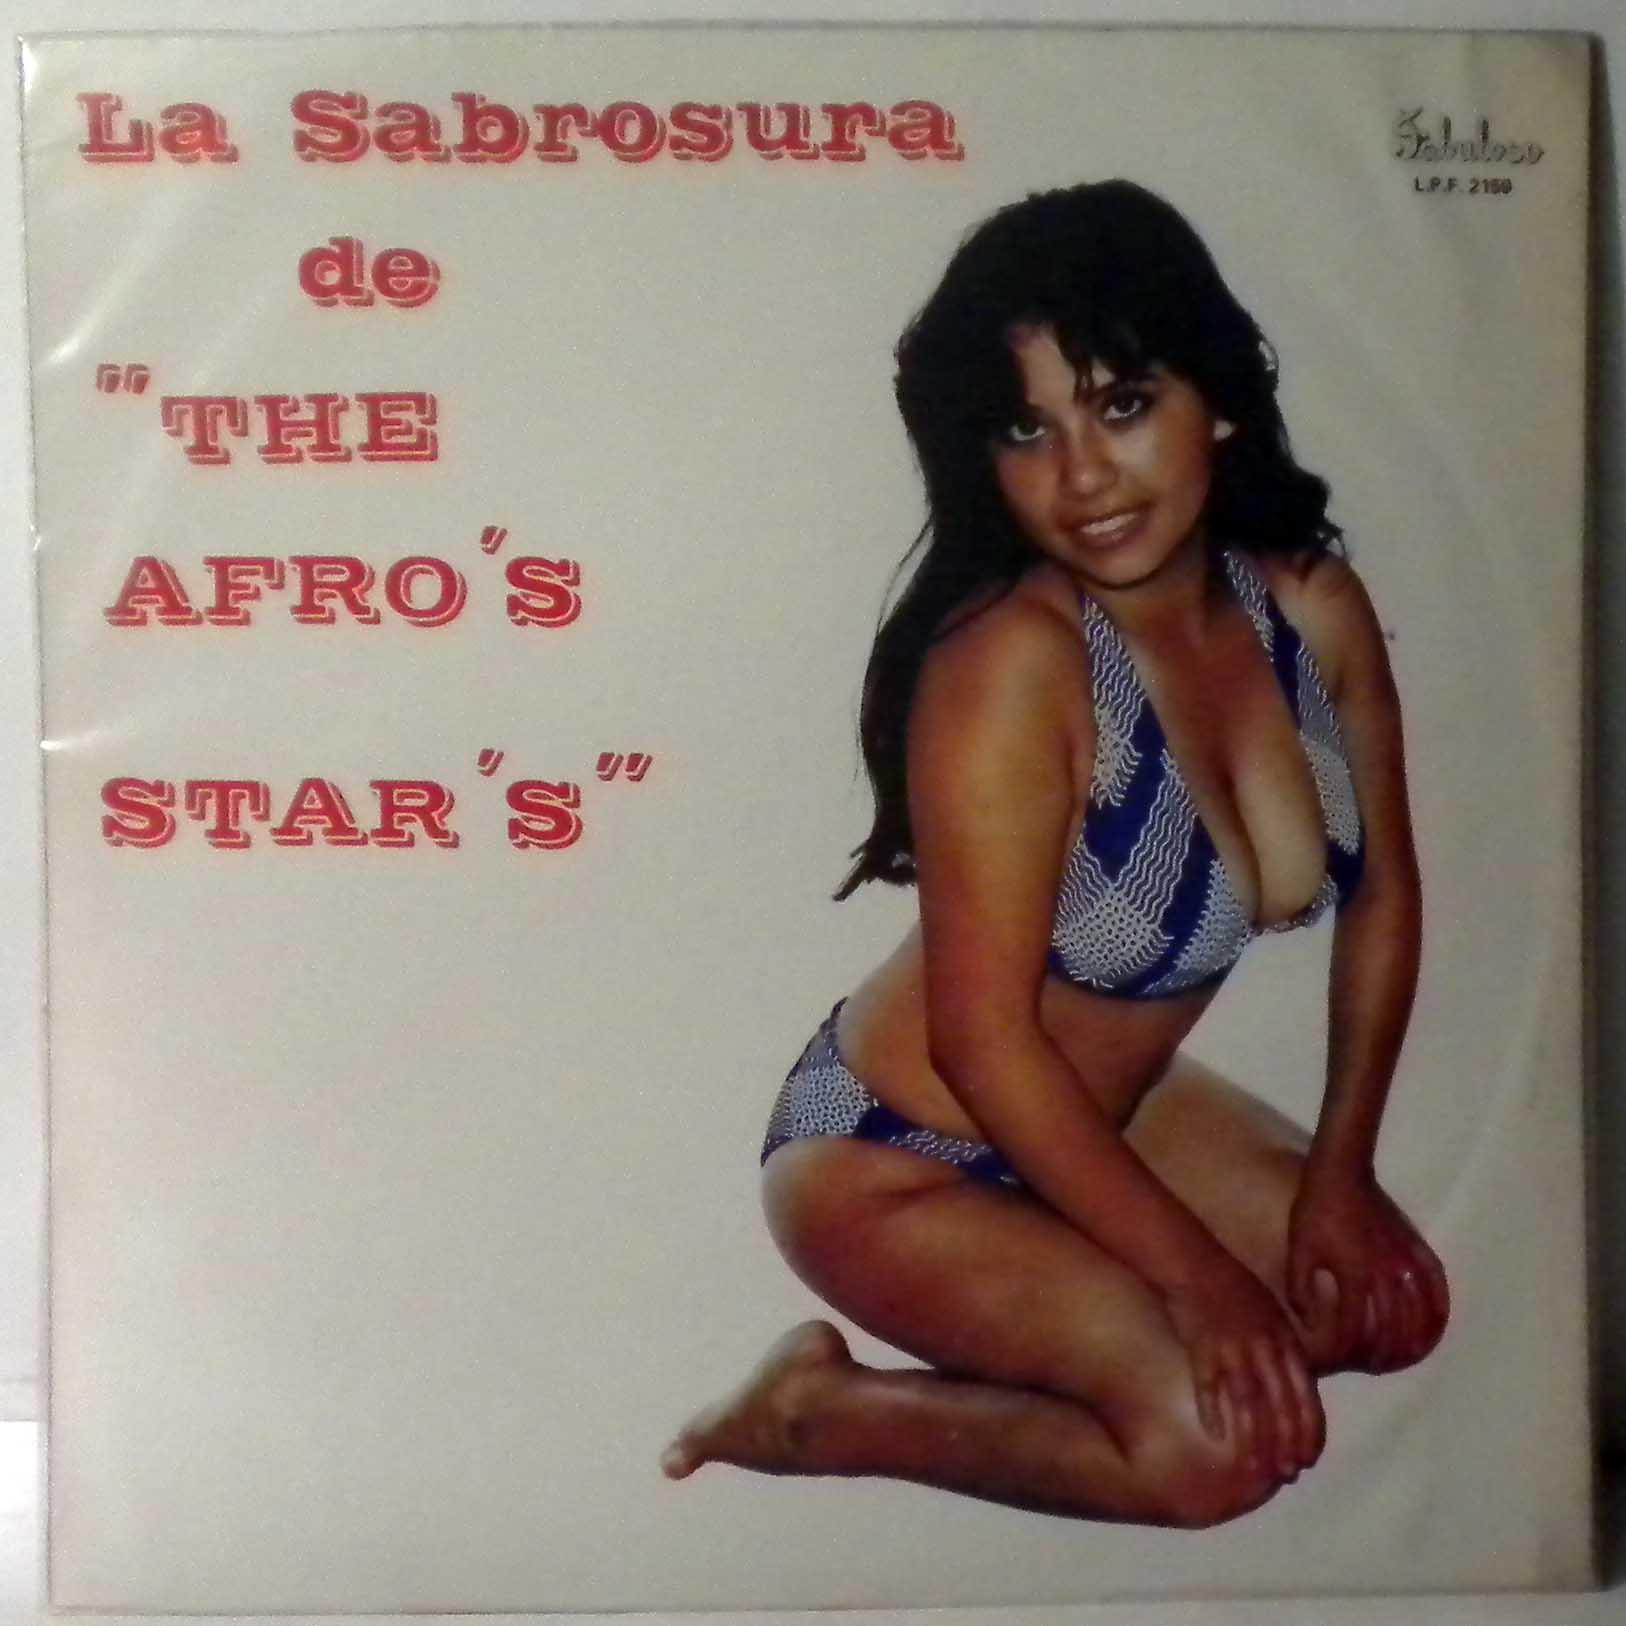 THE AFRO'S STAR'S - La sabrosura - LP